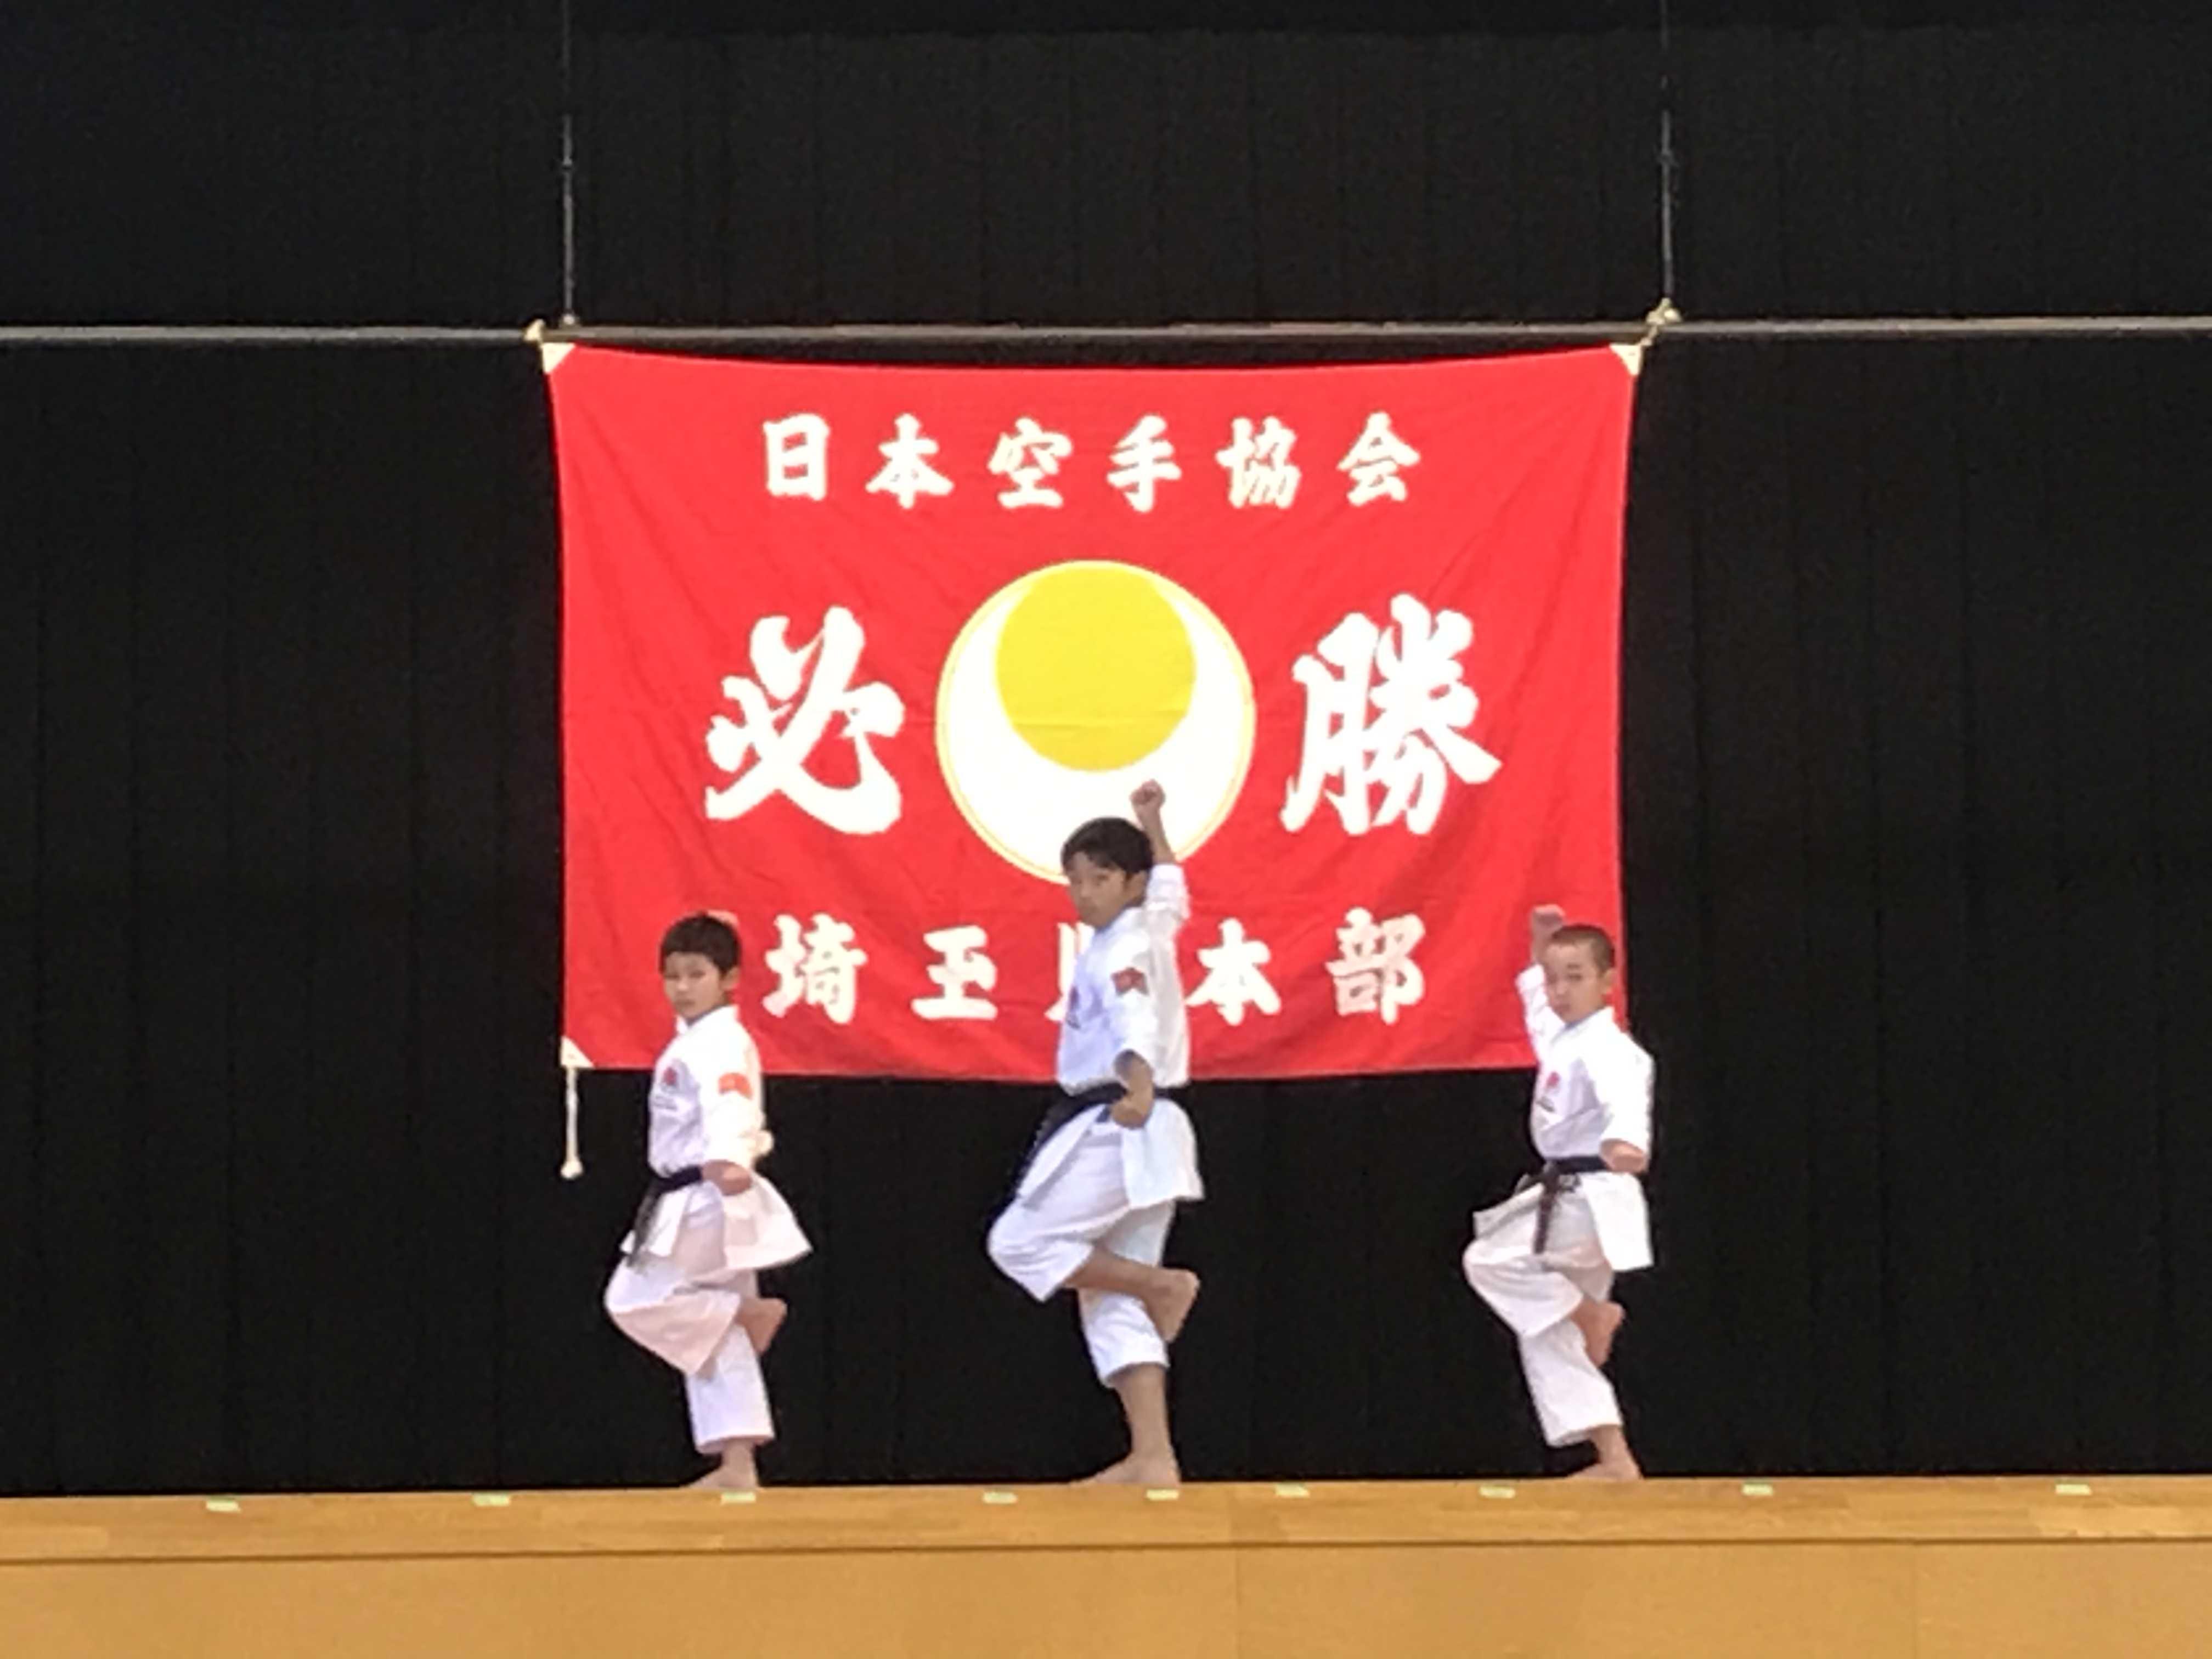 4連覇を祝う会_1371